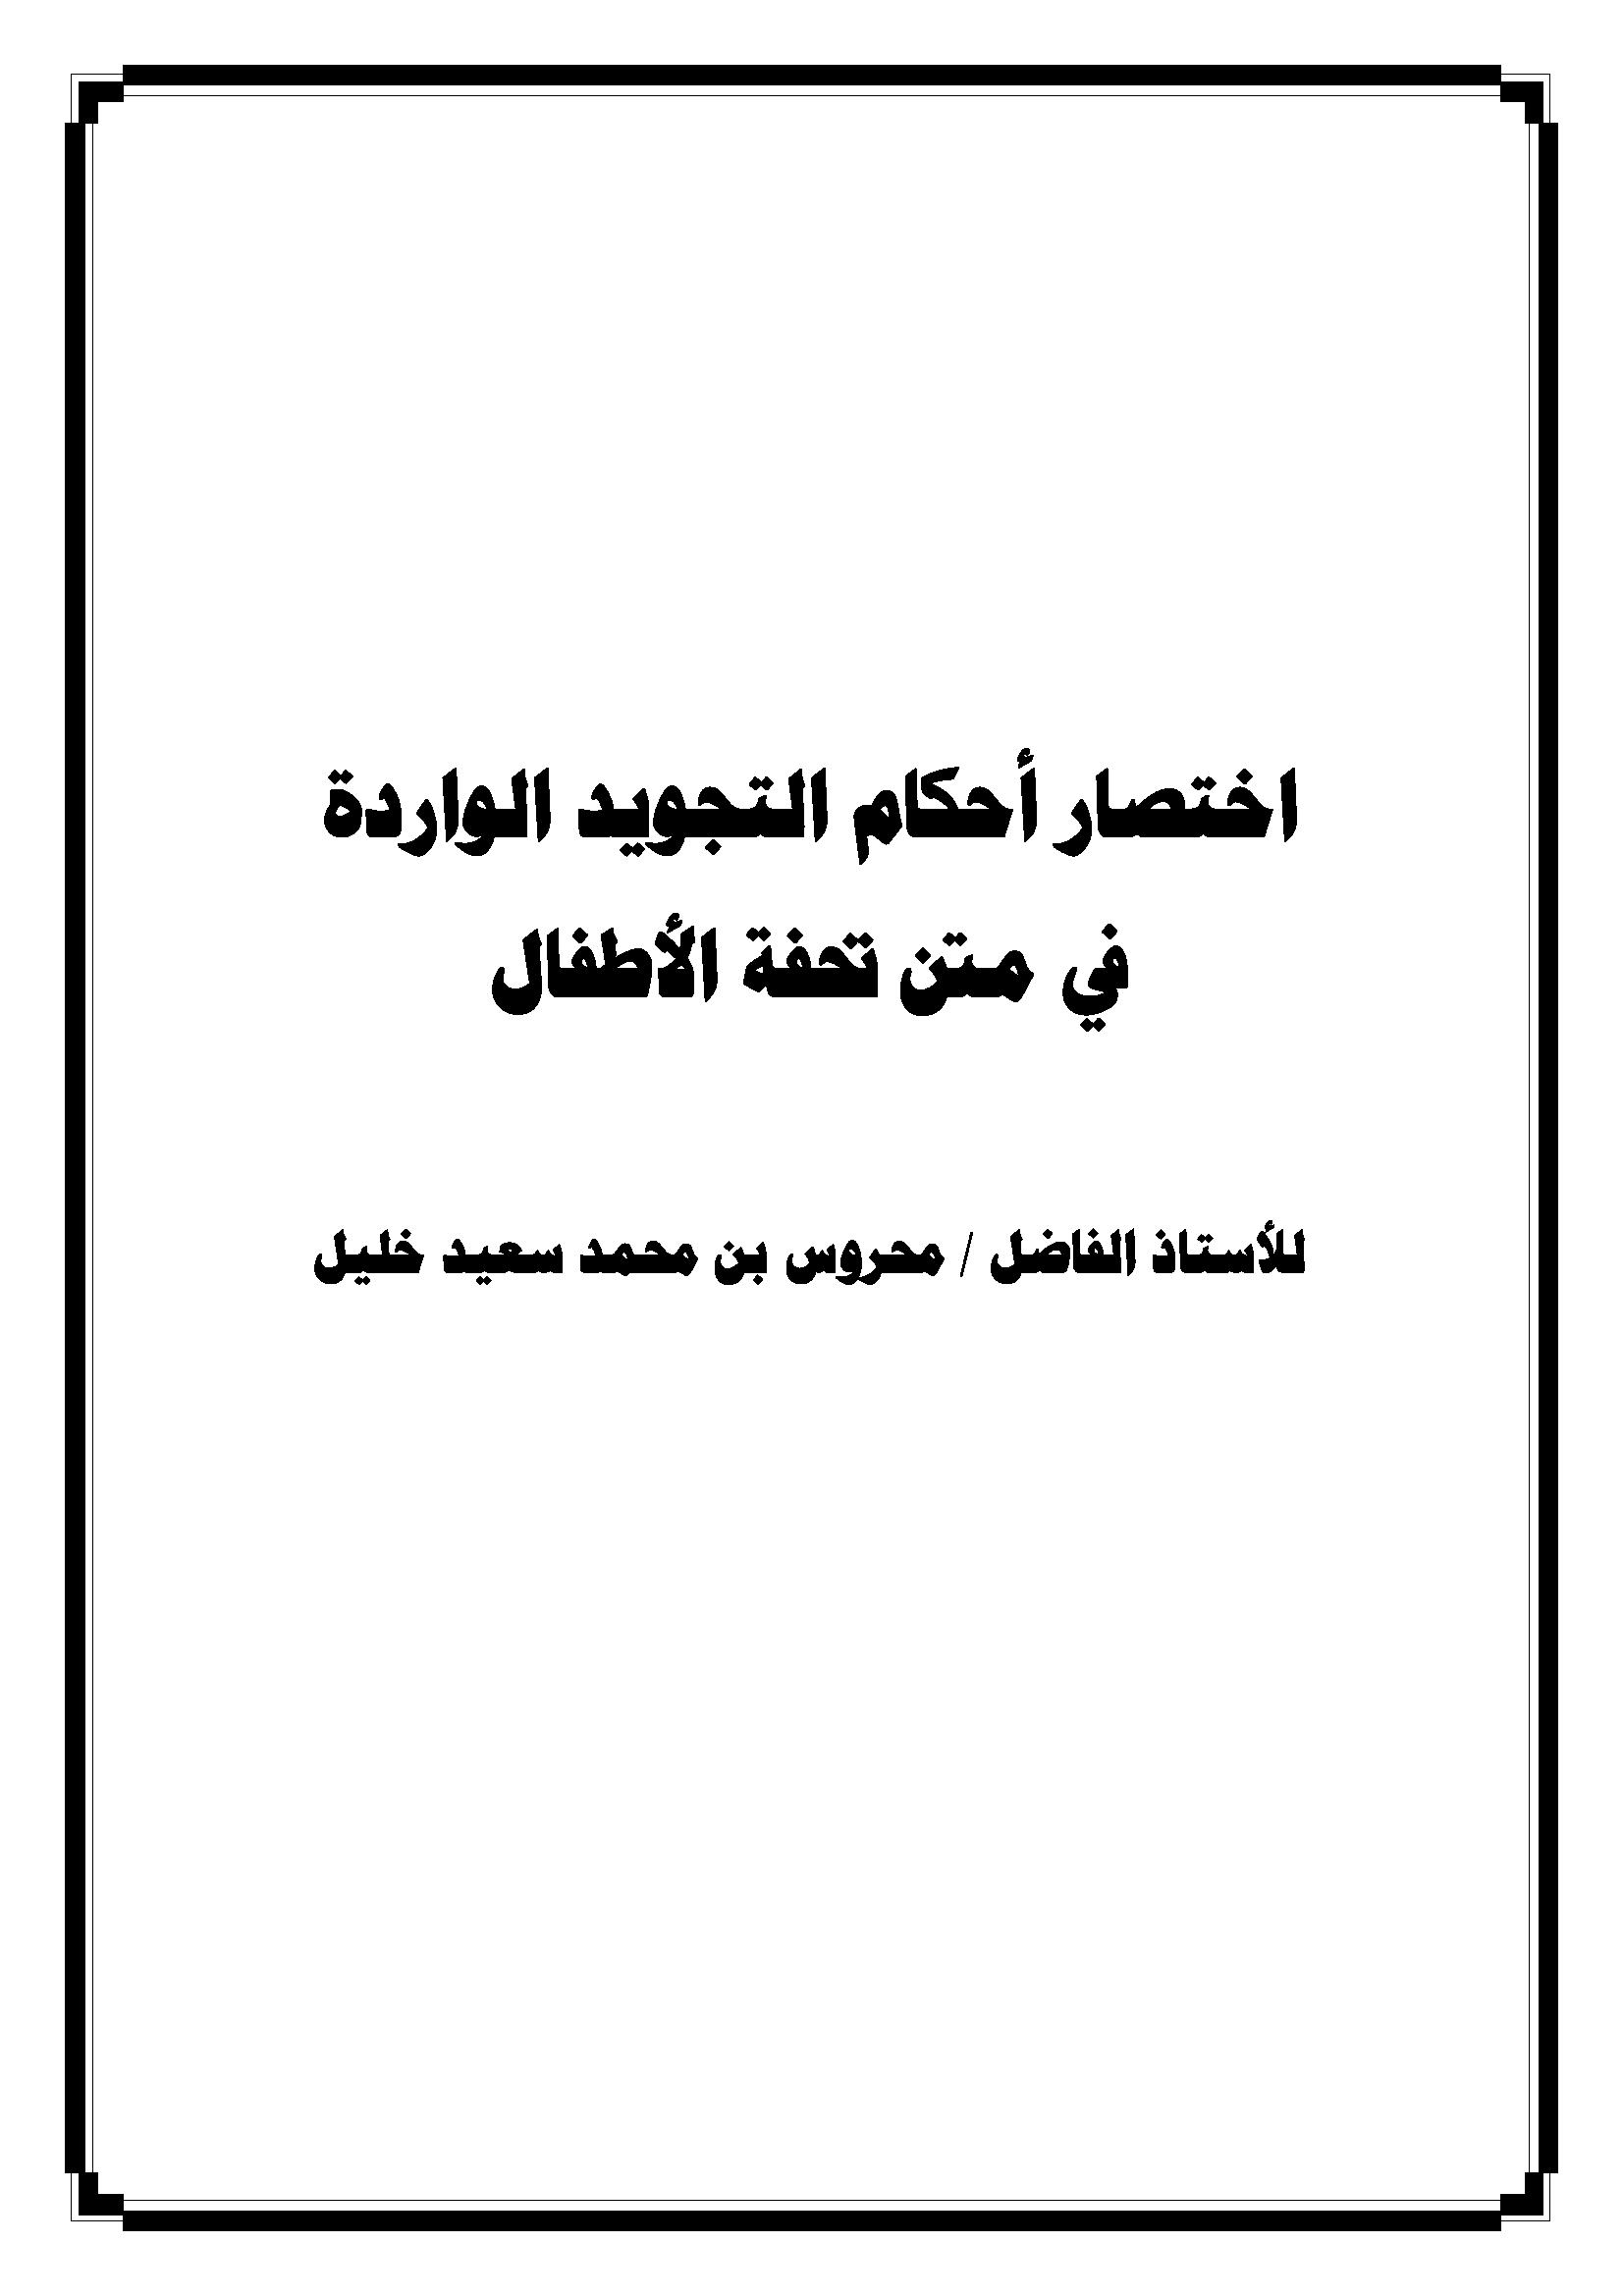 تحميل كتاب اختصار أحكام التجويد الواردة في متن تحفة الأطفال لـِ: الشيخ محروس بن محمد سعيد خليل